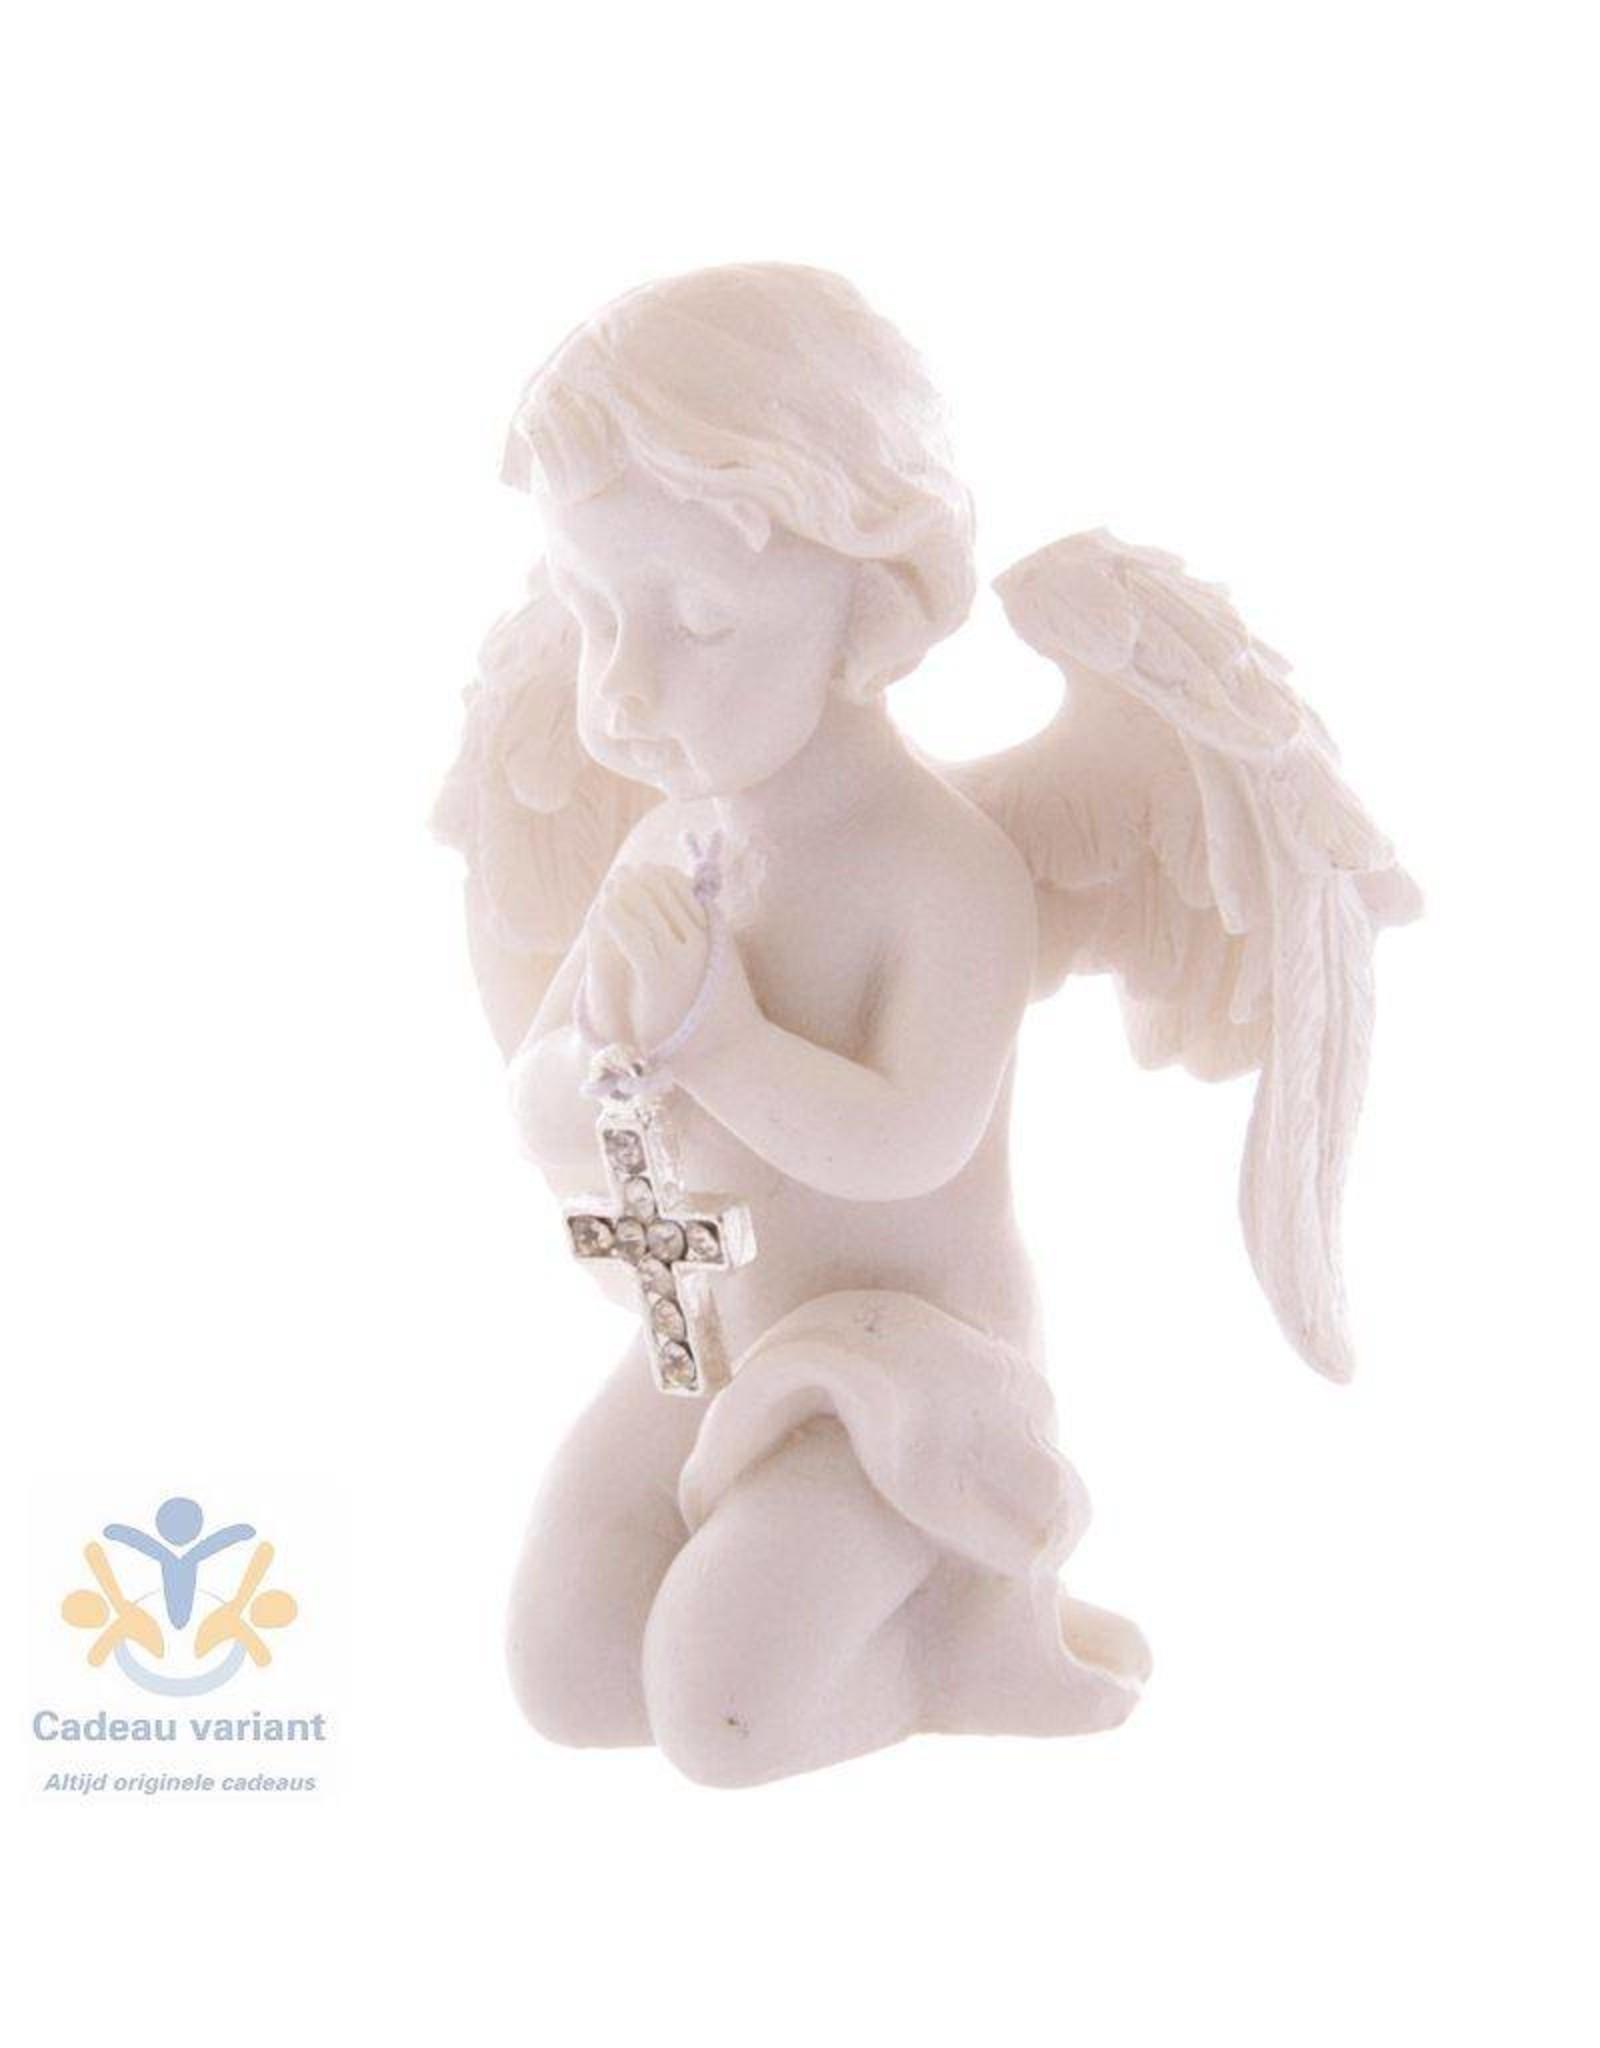 Engel knielend met kruis